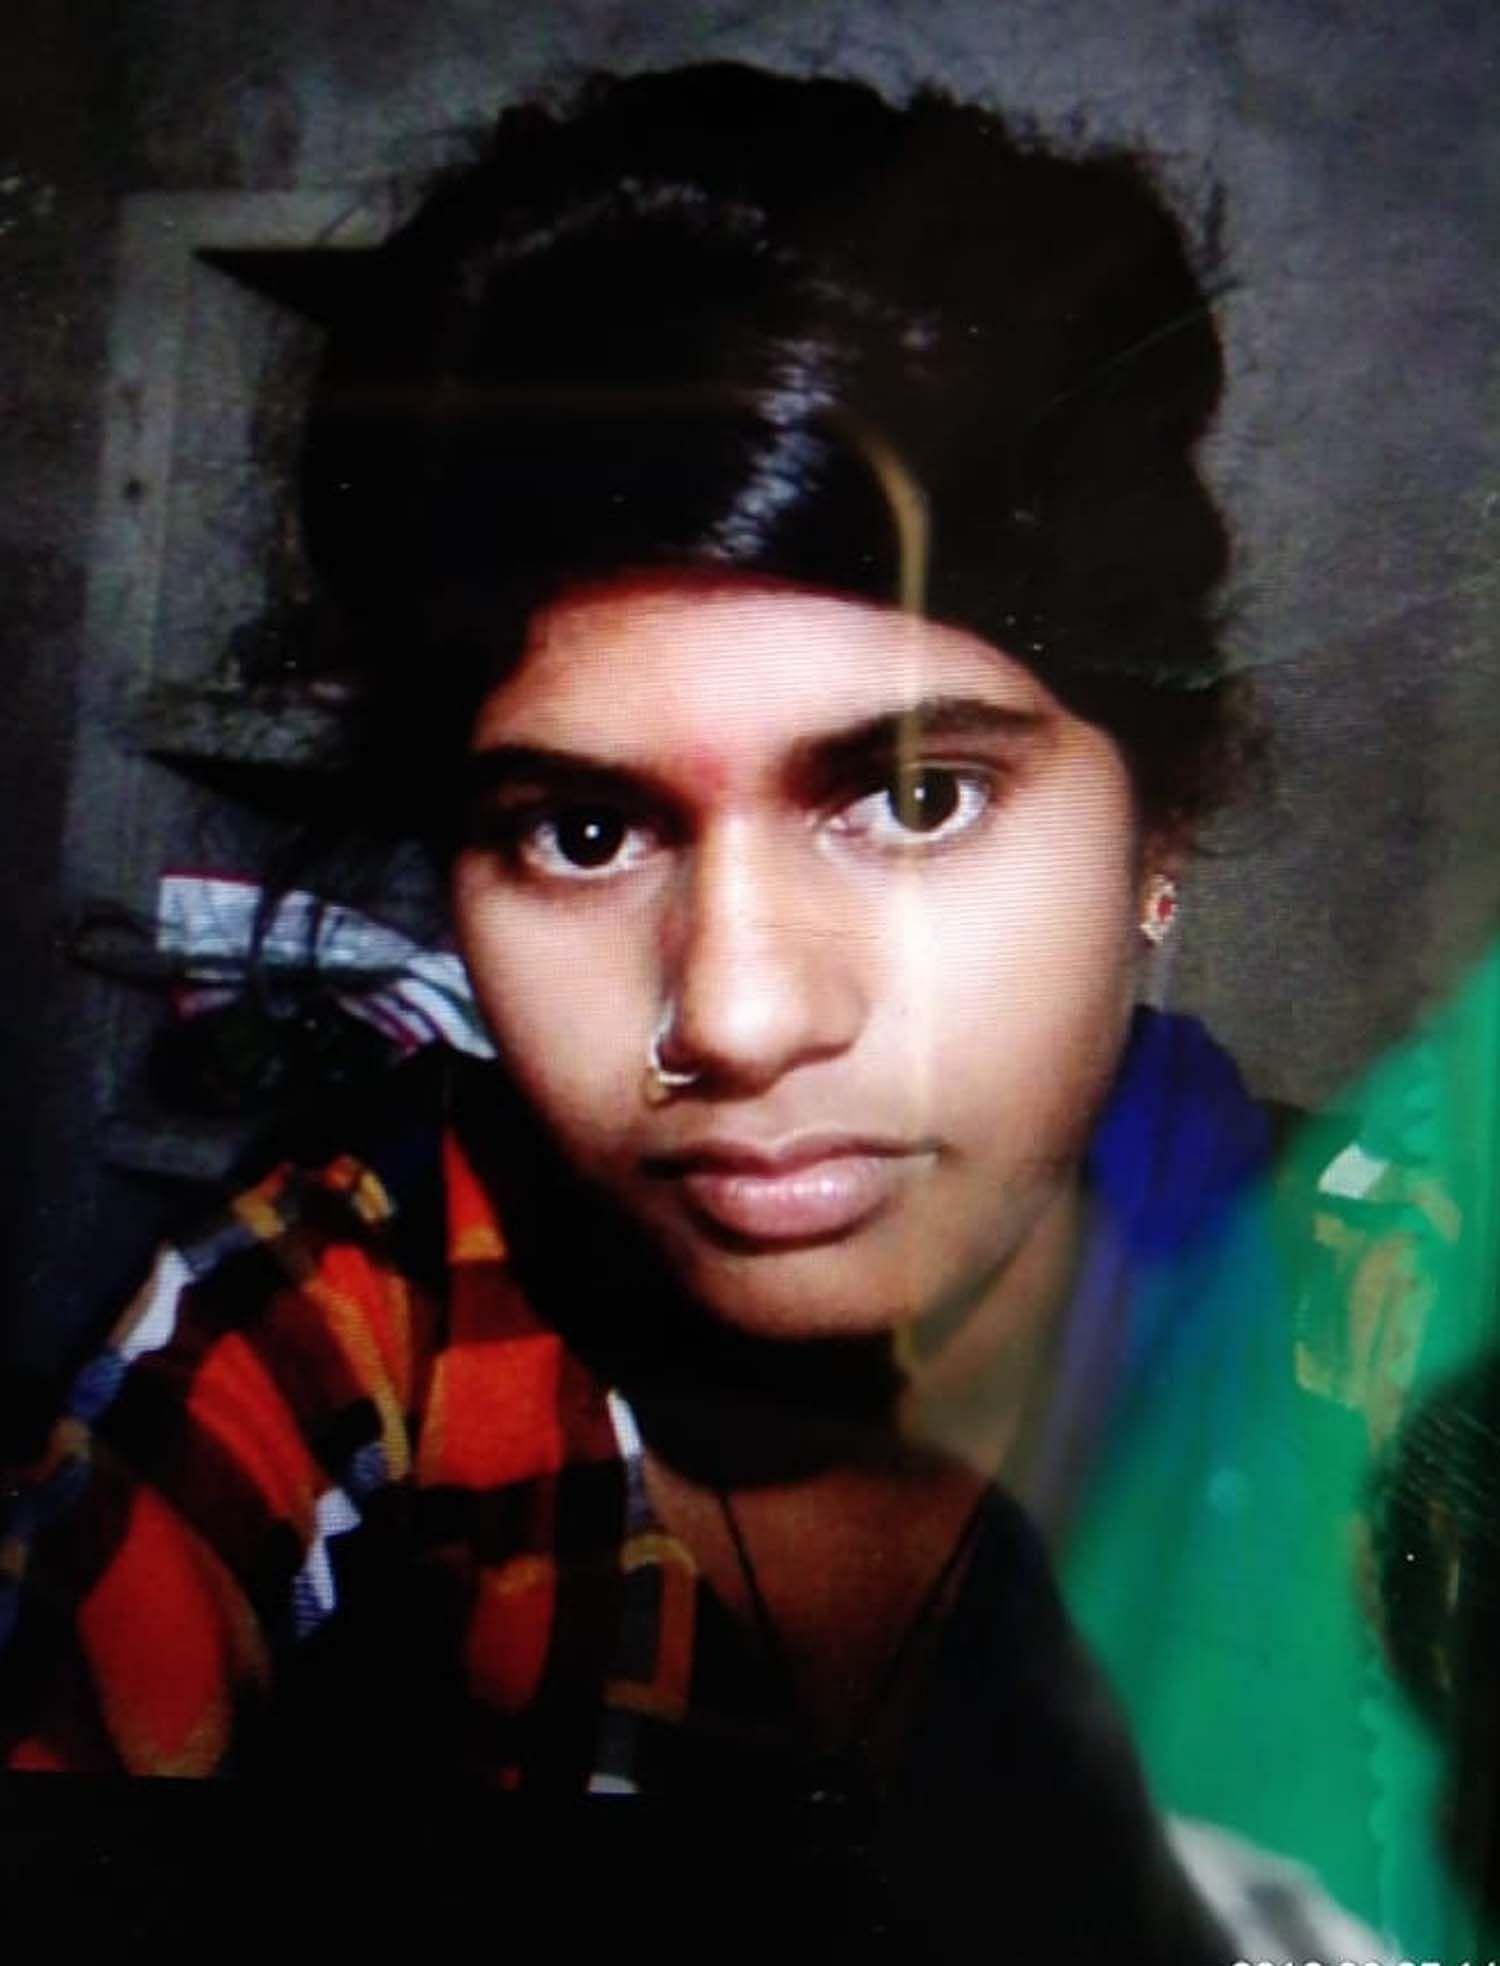 प्रतापगढ़ के कोहडौर क्षेत्र के सूर्यगढ़ जगन्नाथ में तालाब में डूबने से मृत किशोरी रूचि। फाइल फो?